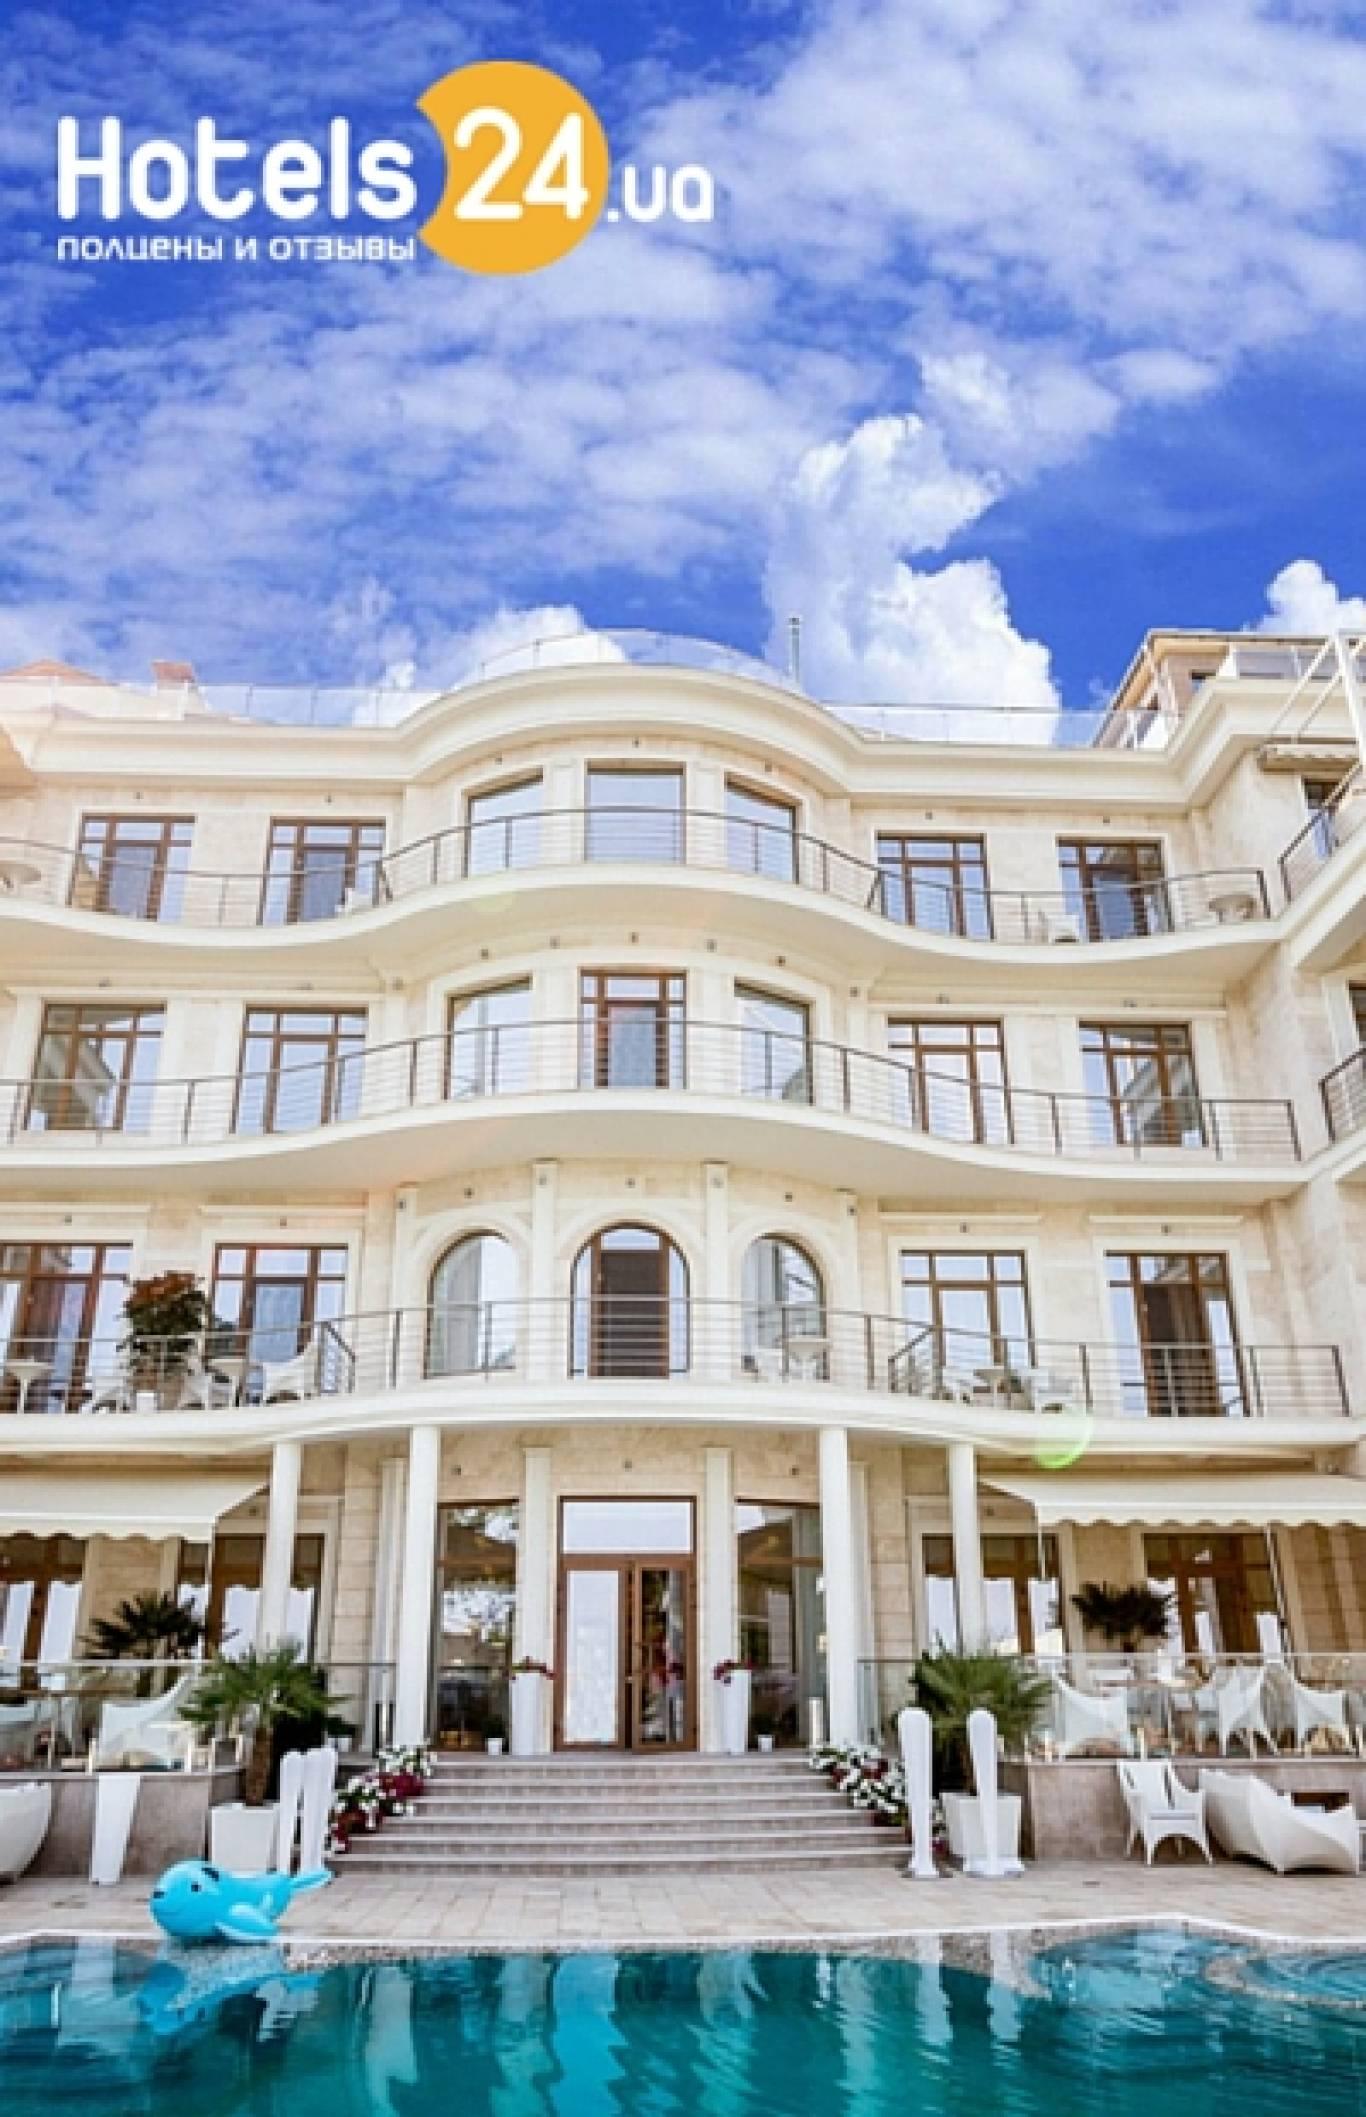 Подорожуйте вигідно - бронюйте готелі зі знижкою на Hotels24.ua!